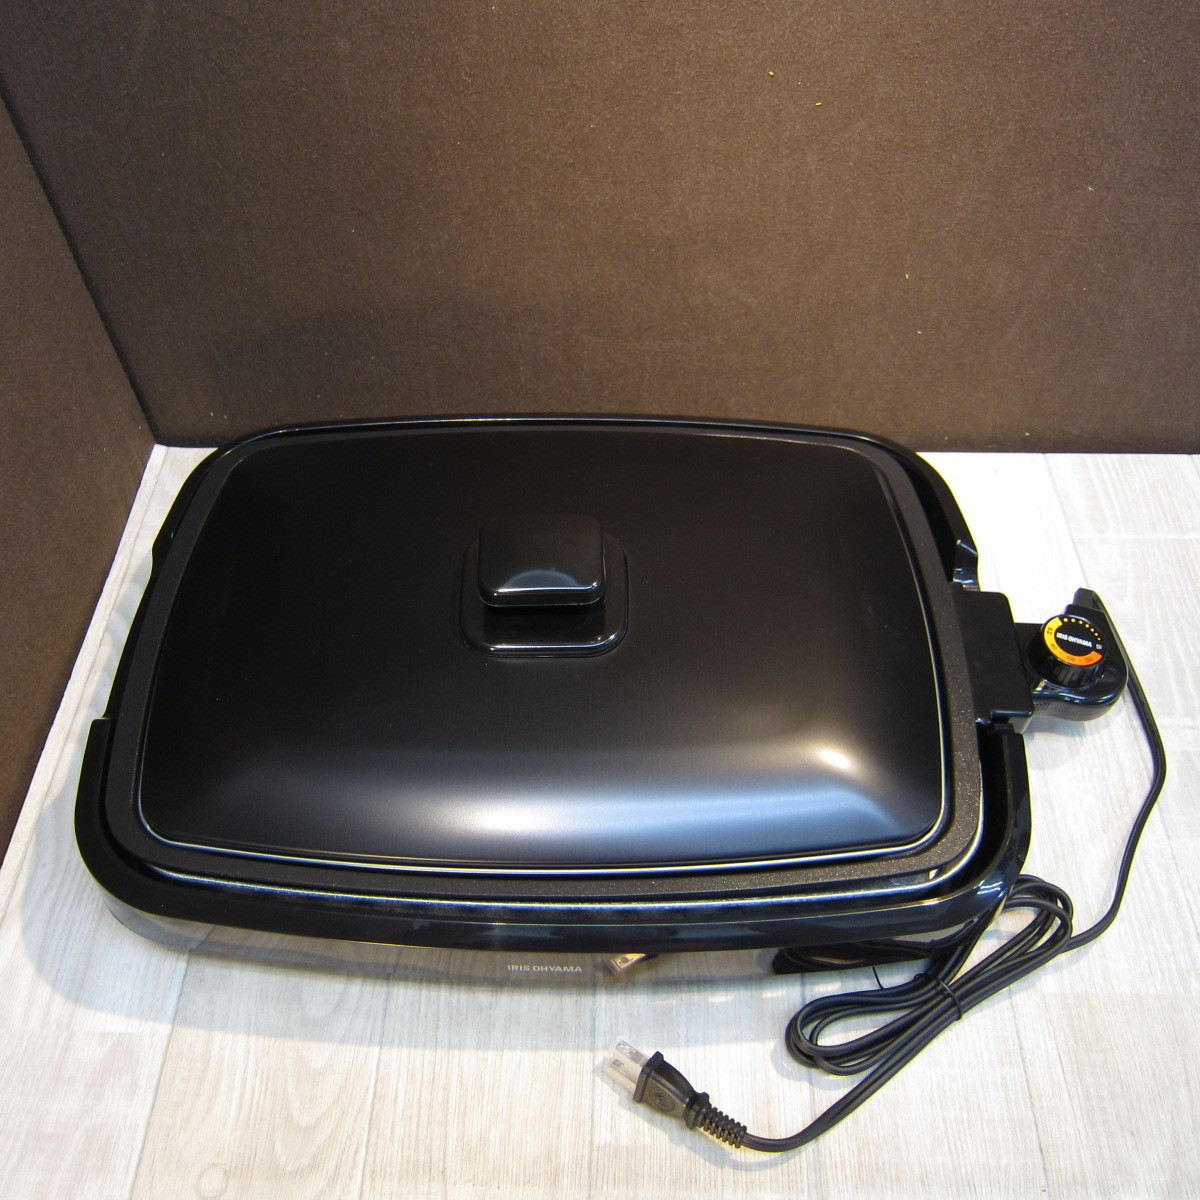 S6080【未使用】アイリスオーヤマ ホットプレート たこ焼き 焼肉 平面 プレート 3枚 網焼き 蓋付き ブラック APA-137-B_画像2